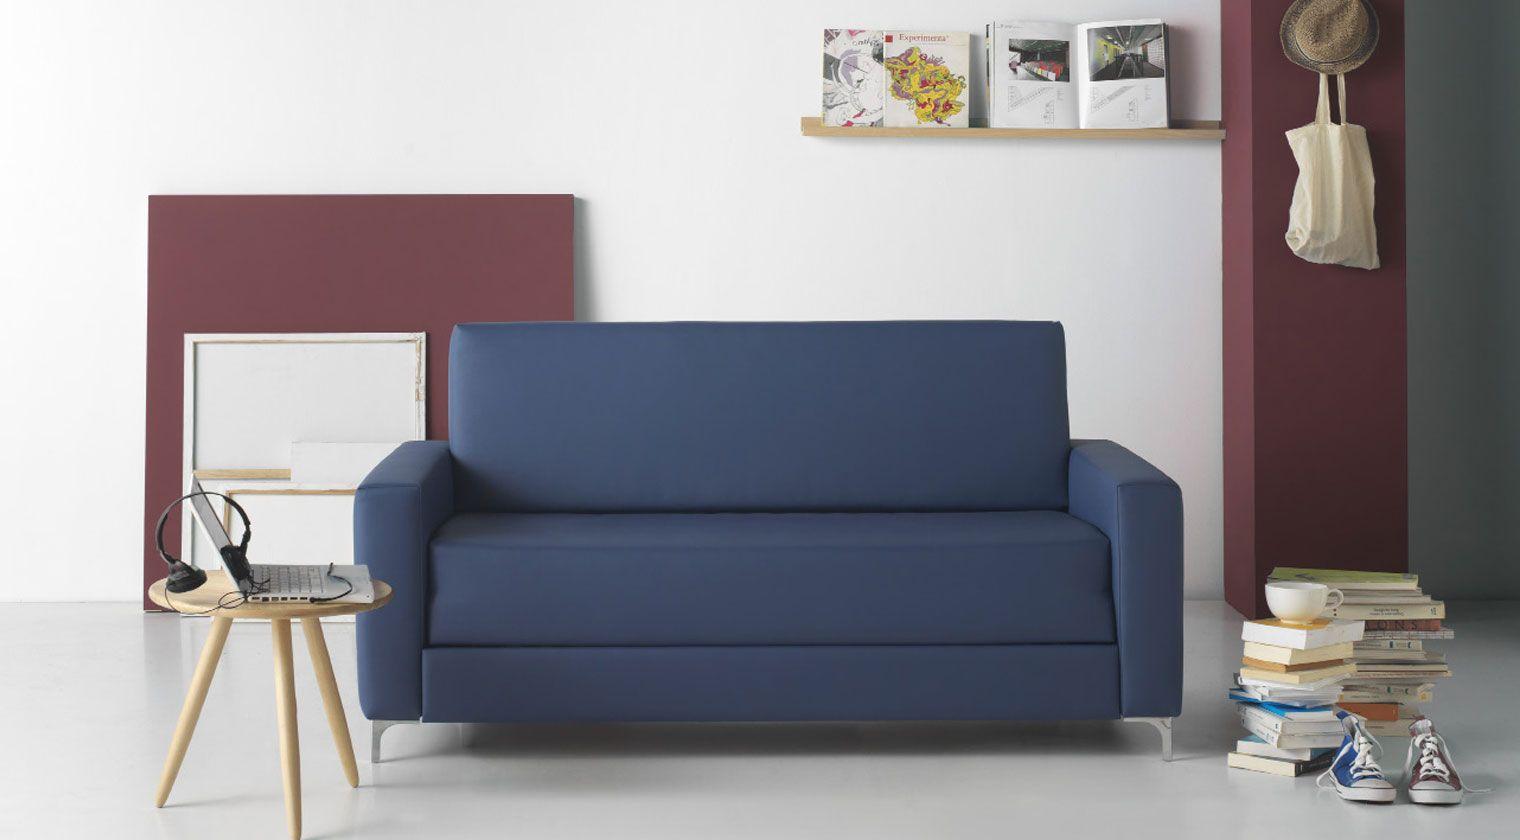 Comprar sof cama brest 1 plaza cama de 80x190 cm bonus for Divan 80x190